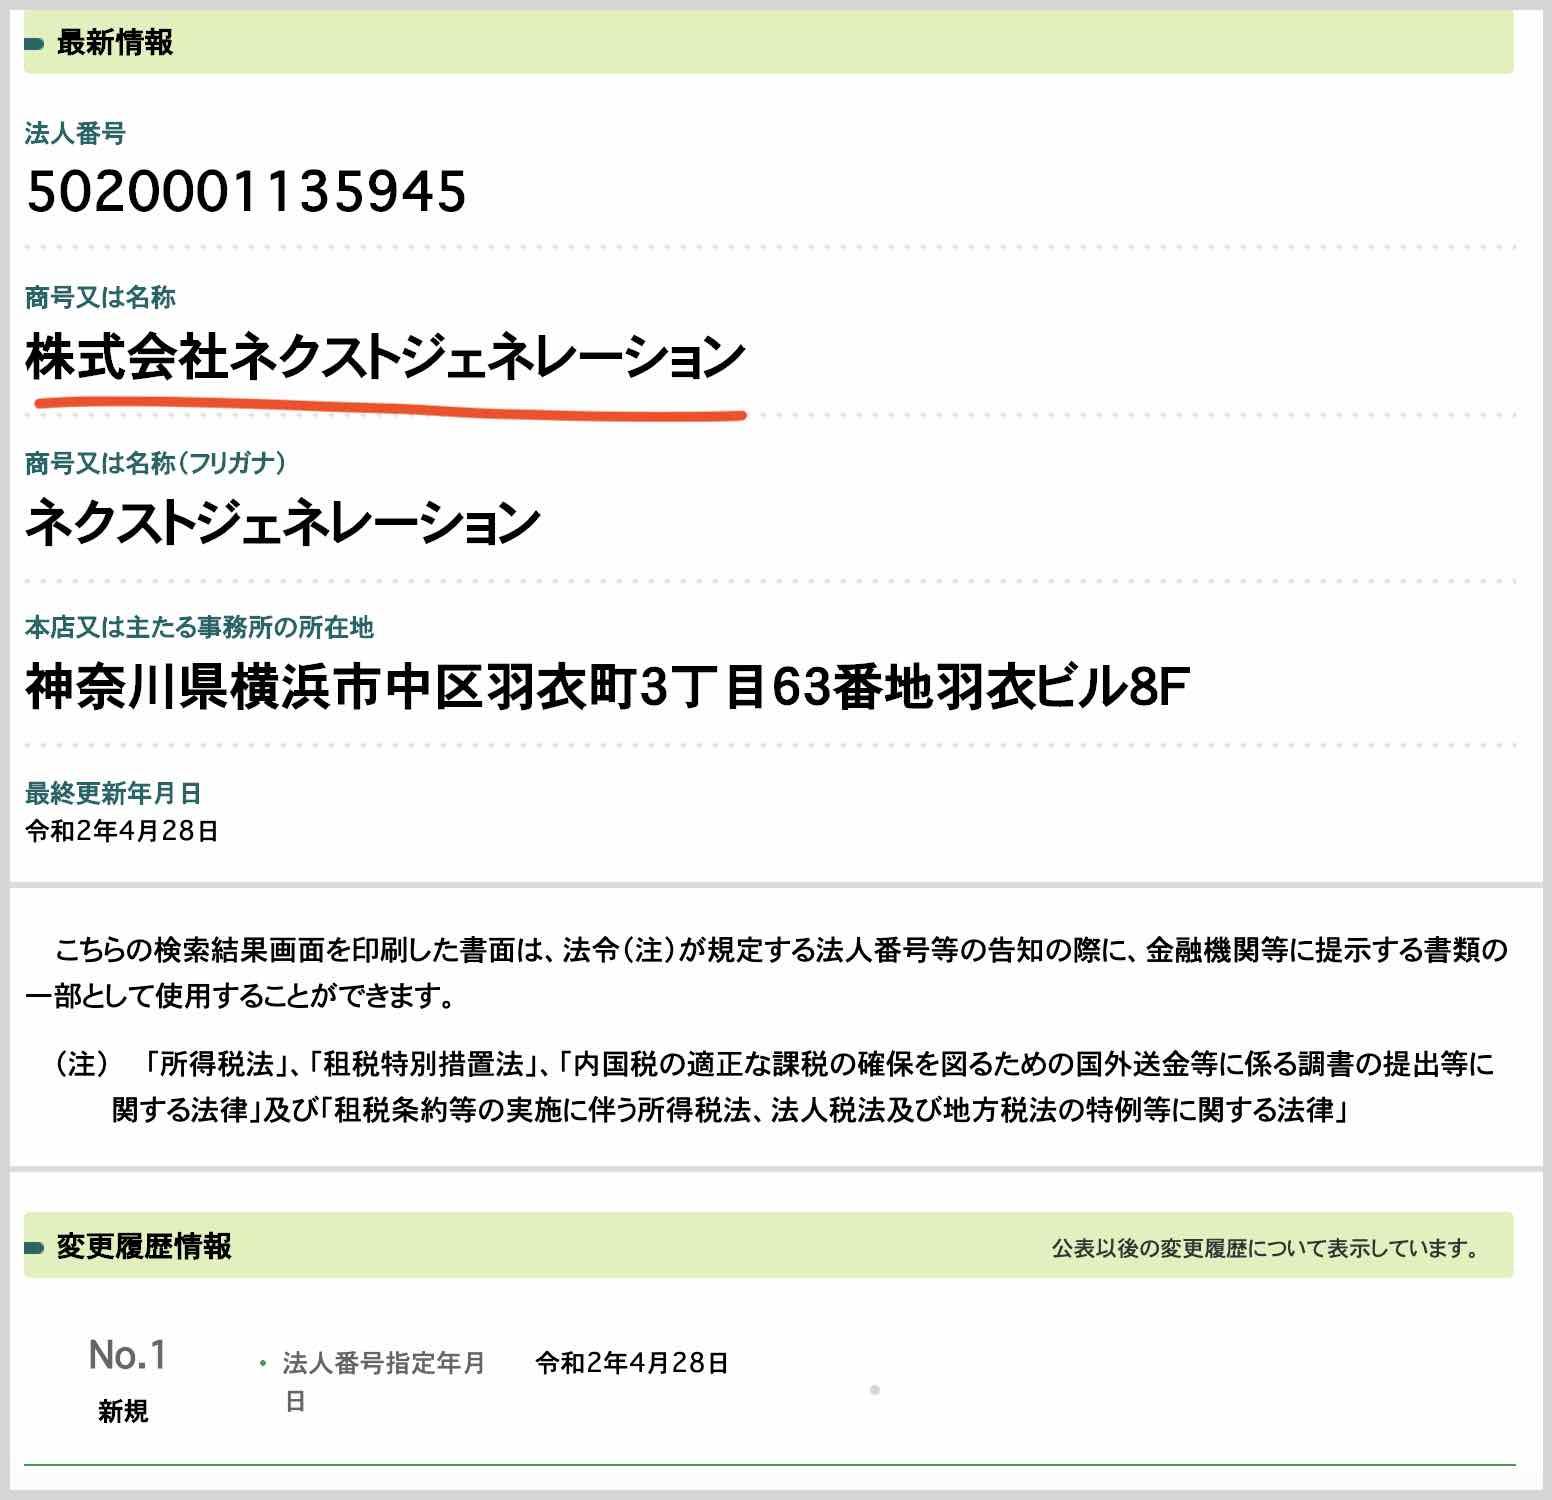 うまスタという競馬予想サイトの株式会社ネクストジェネレーションの情報